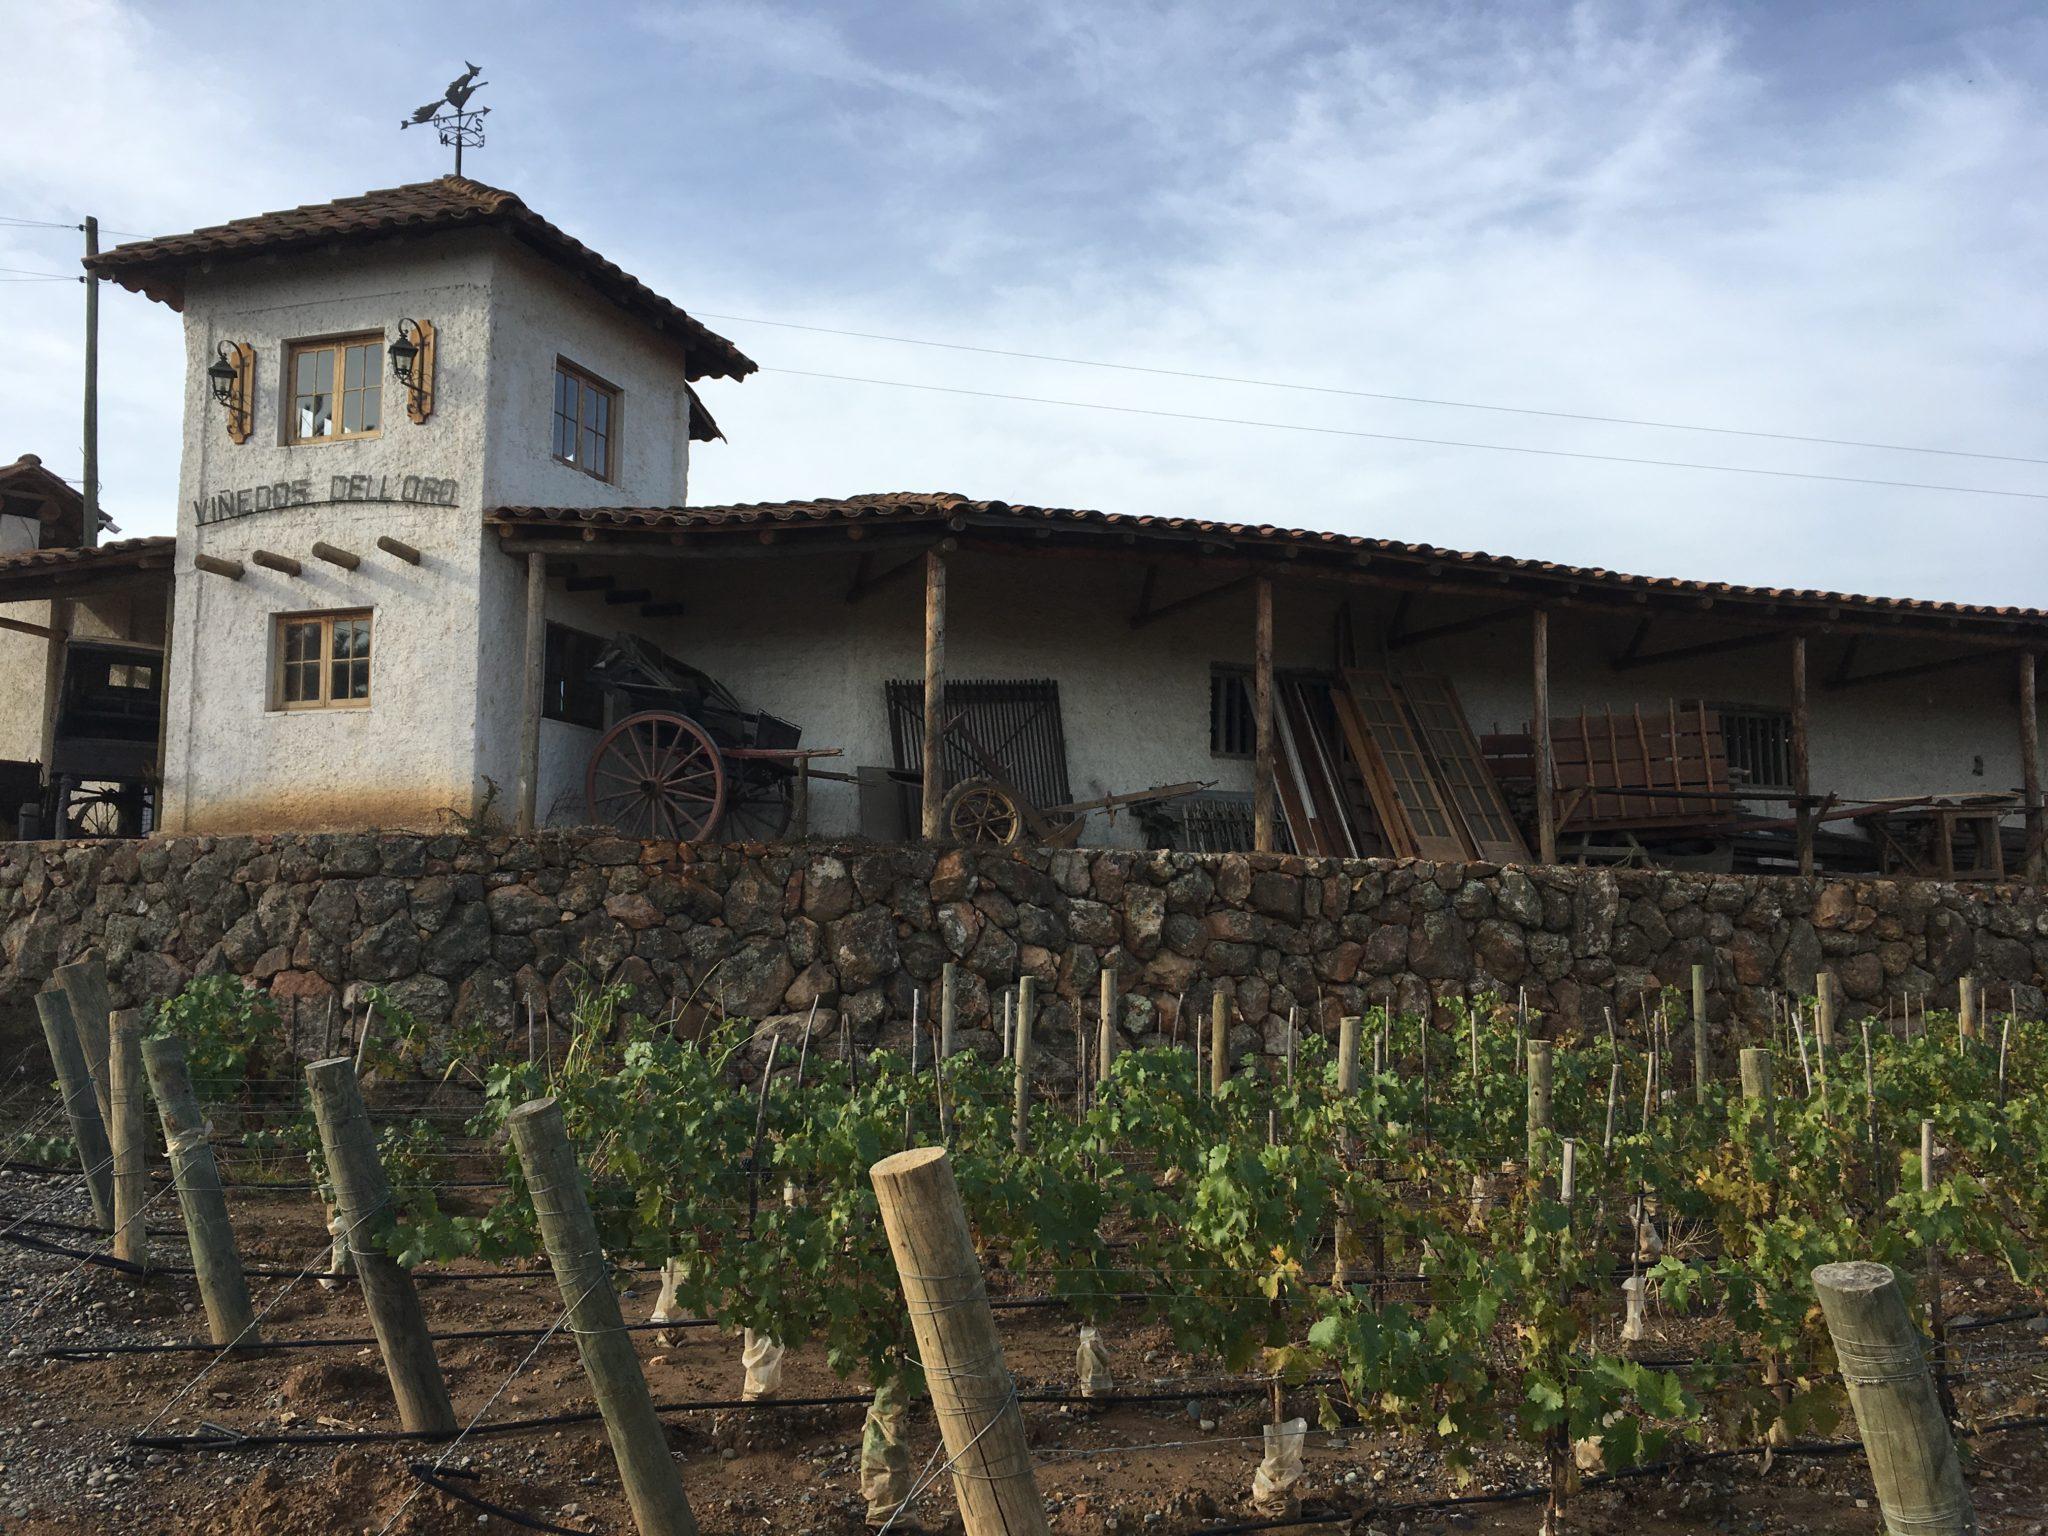 Producción sustentable llega a la industria vitivinícola